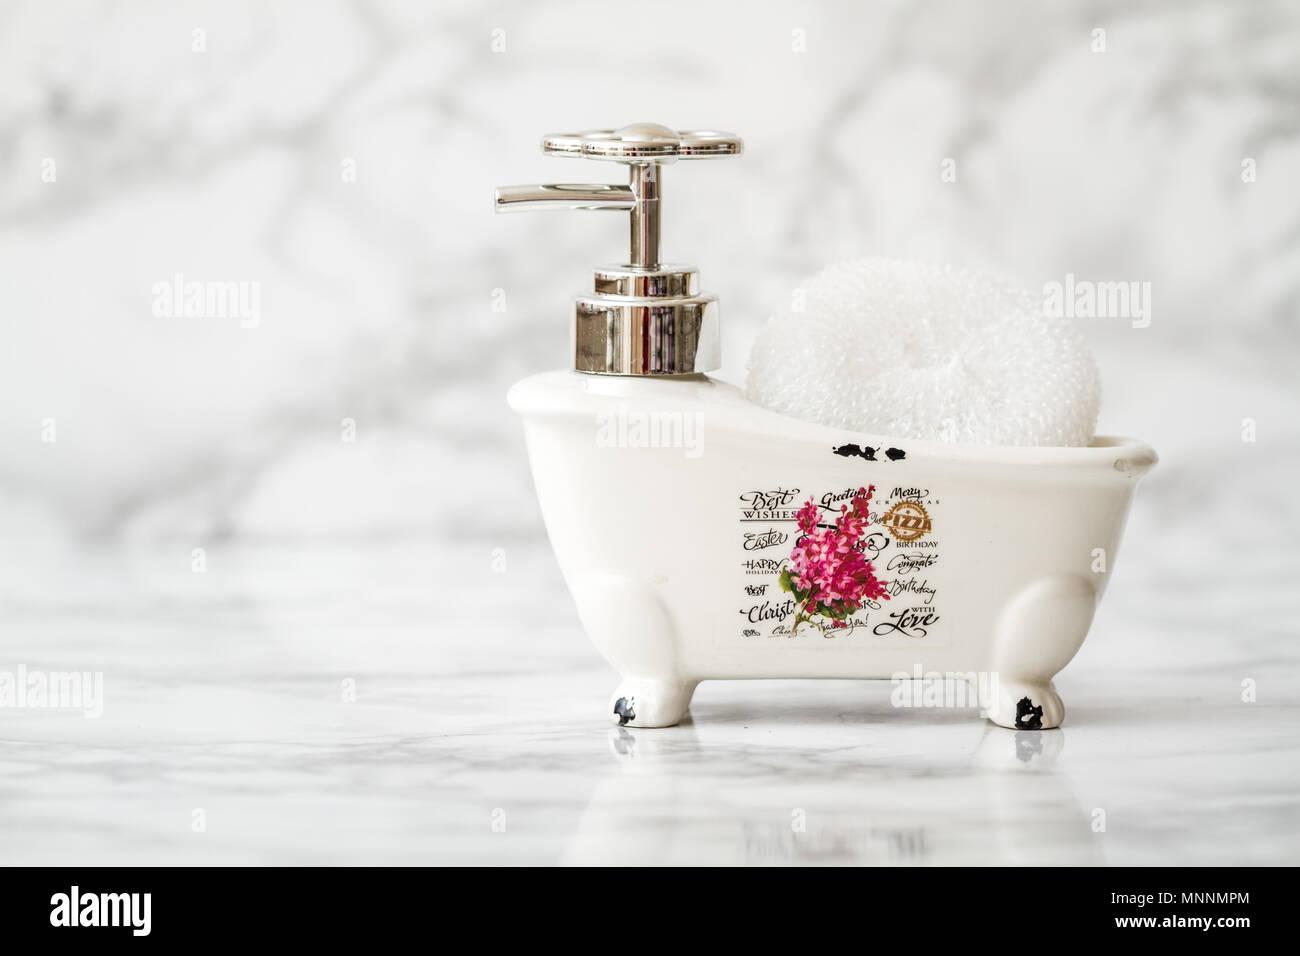 Mini vasca da bagno fabulous sensuality mini f wht la vasca da bagno aquatica in pertinente - Smaltare la vasca da bagno ...